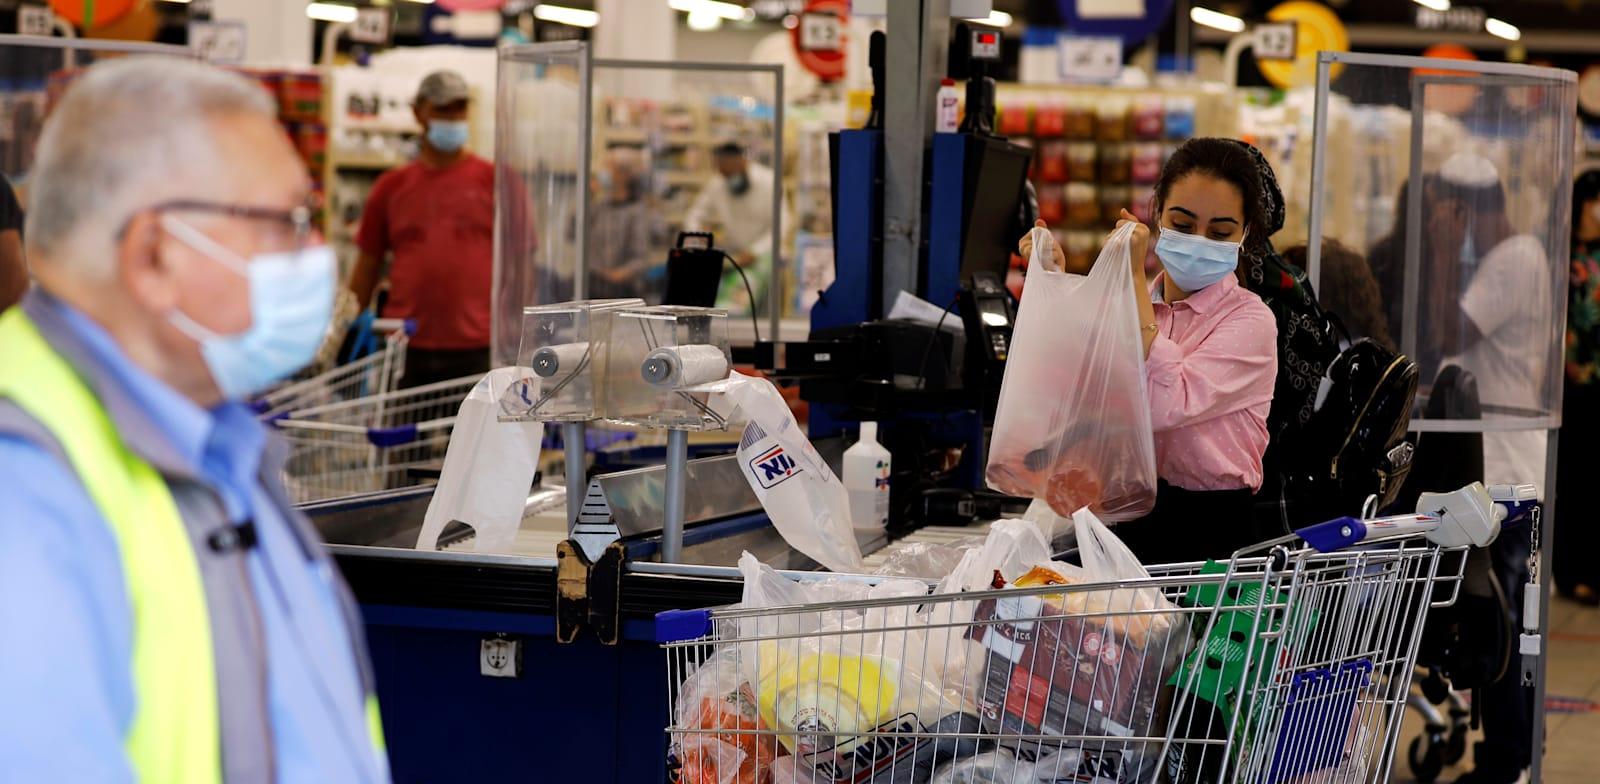 קניות בסופרמקט. התחזקות הבישול הביתי בימי הקורונה / צילום: Reuters, Amir Cohen